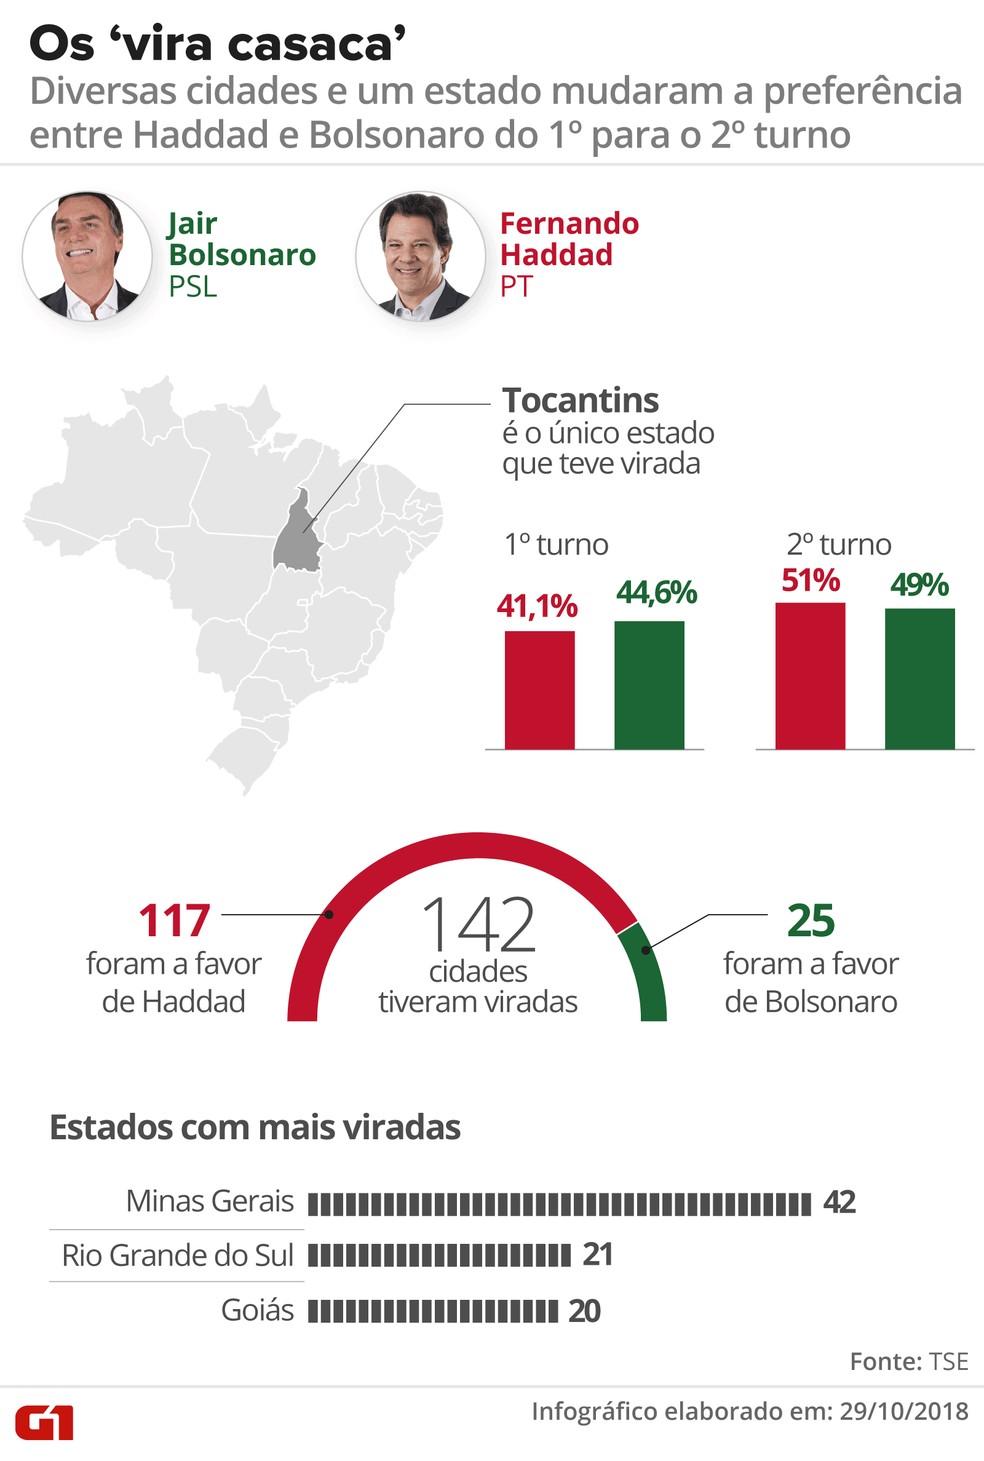 Diversas cidades e um estado mudaram a preferência entre Haddad e Bolsonaro do 1º para o 2º turno — Foto: Roberta Jaworski/G1